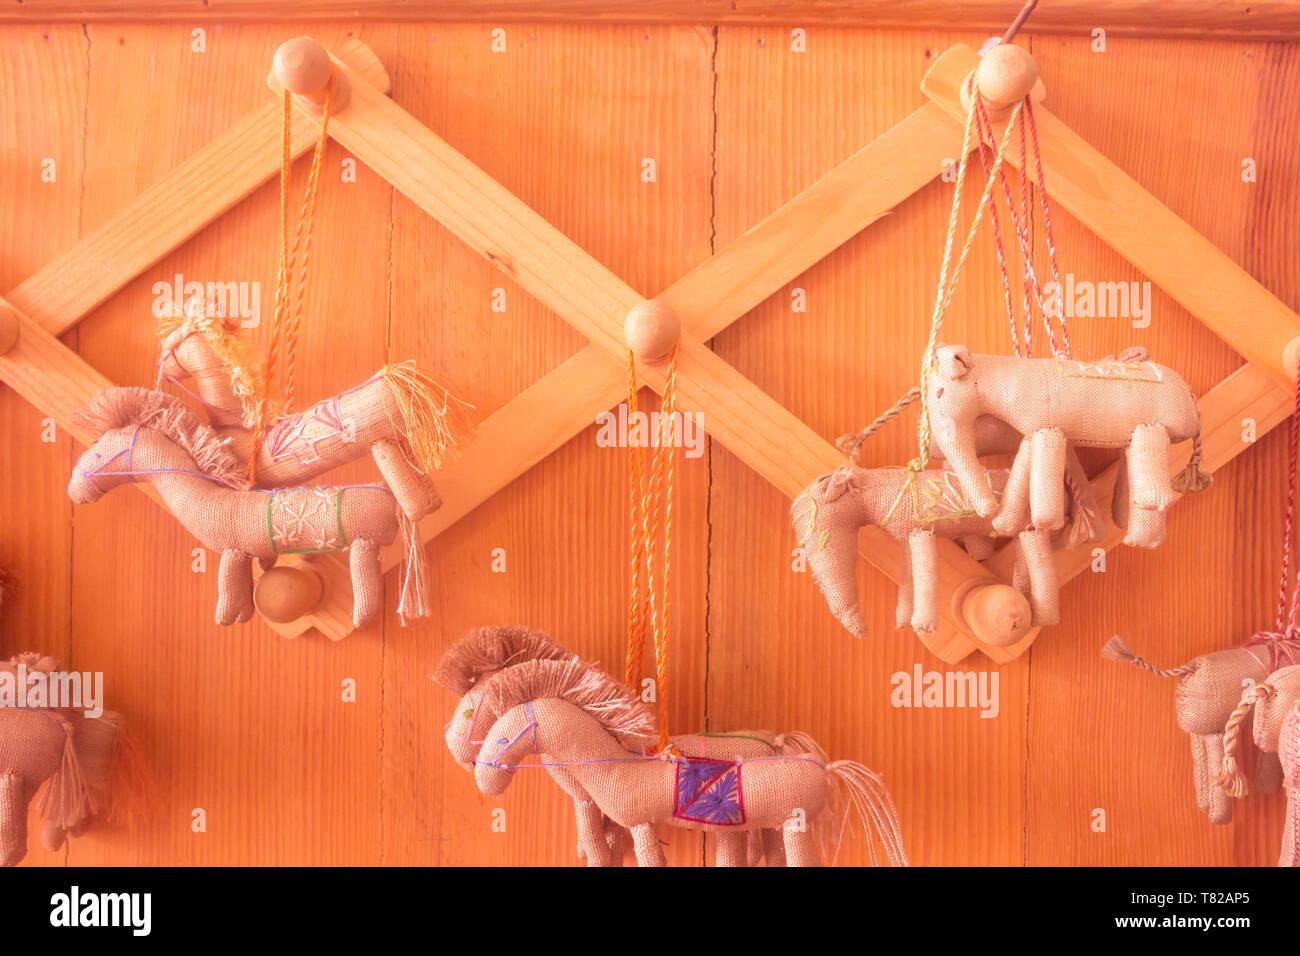 Horse pensili principali cartoon fanno di cotone sulla parete di sfondo di legno Immagini Stock